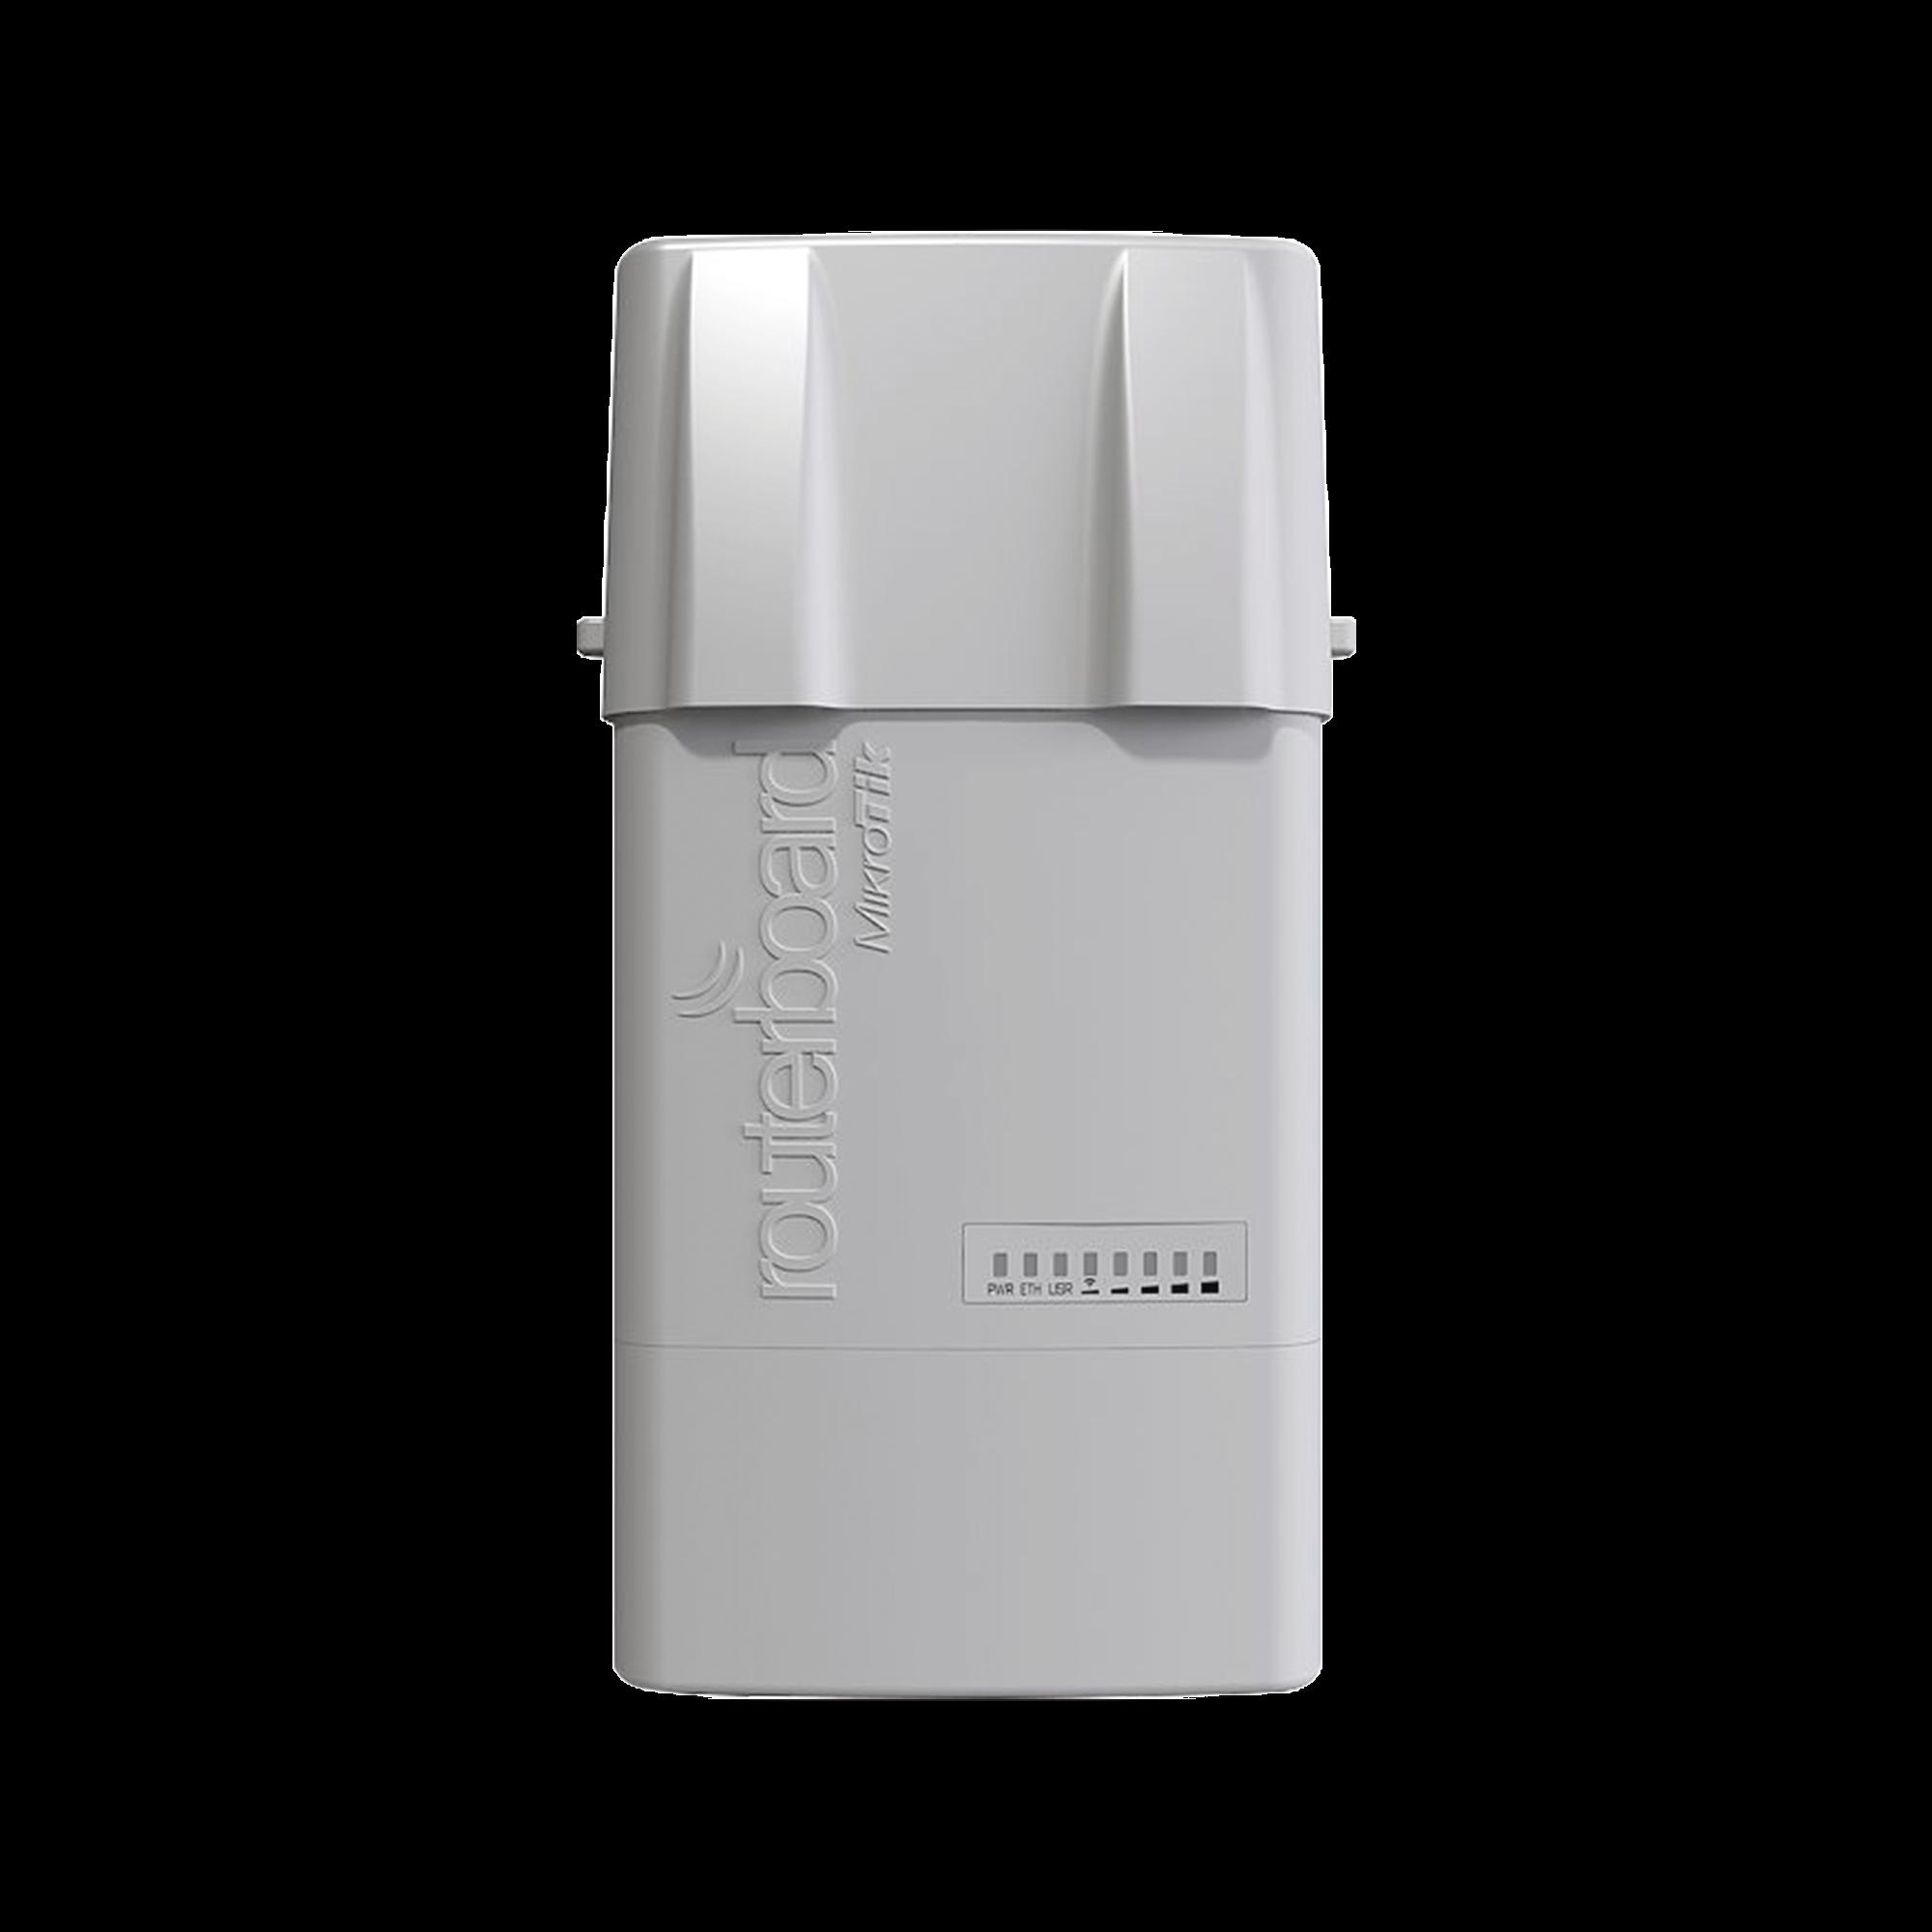 (BaseBox 6) Punto de Acceso y Cliente Conectorizado en 6 GHz, Cuenta con una Ranura miniPCIe para una tarjeta Inalámbrica Extra